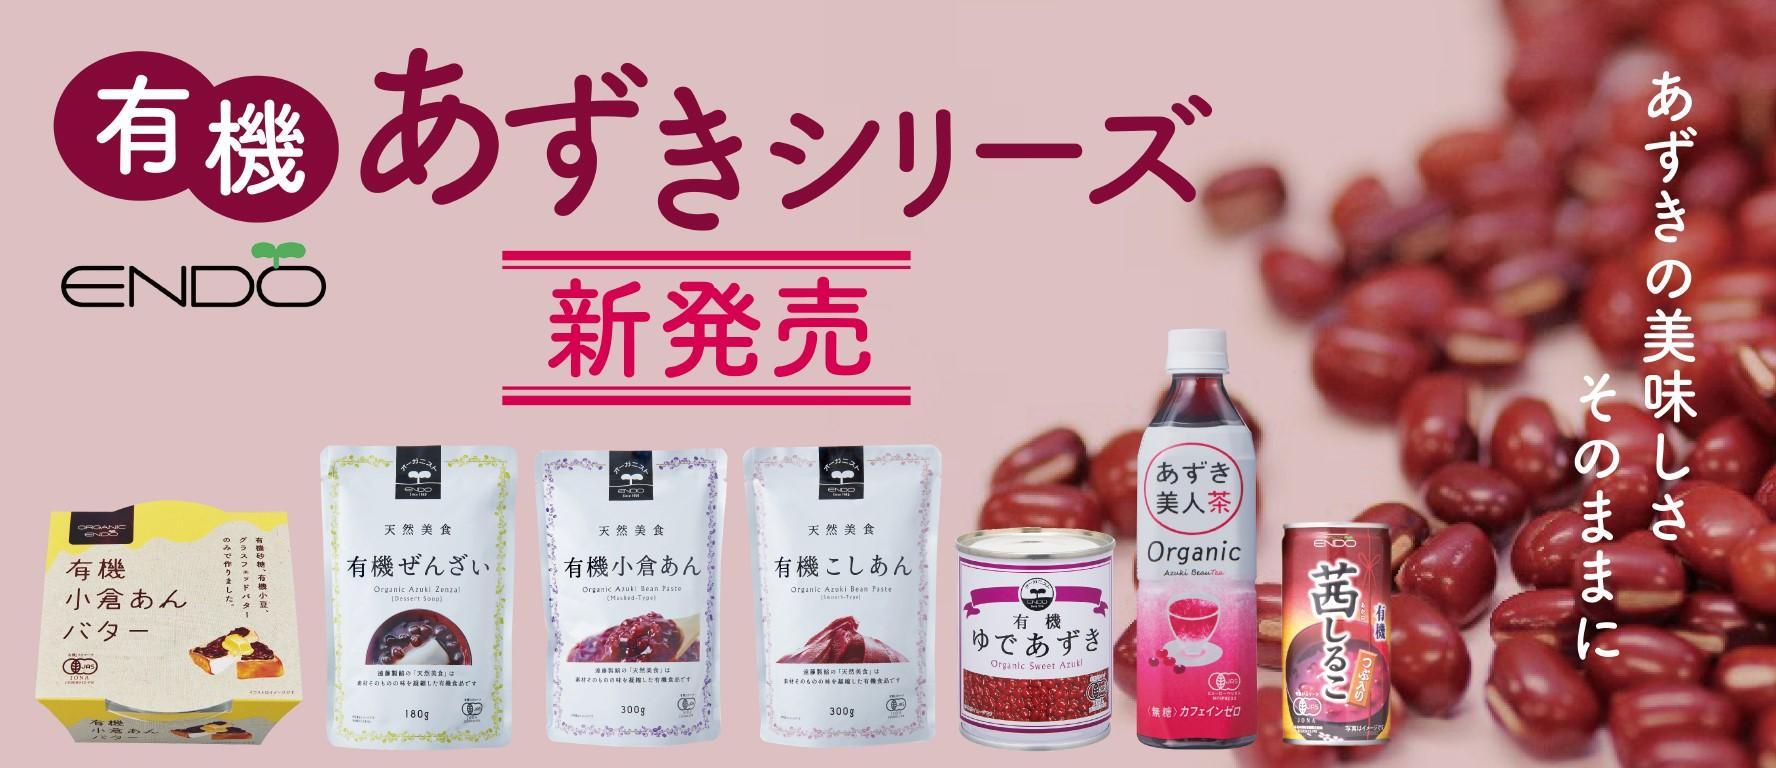 コジマフーズ 有機活性発芽玄米・有機玄米小豆ごはん新発売